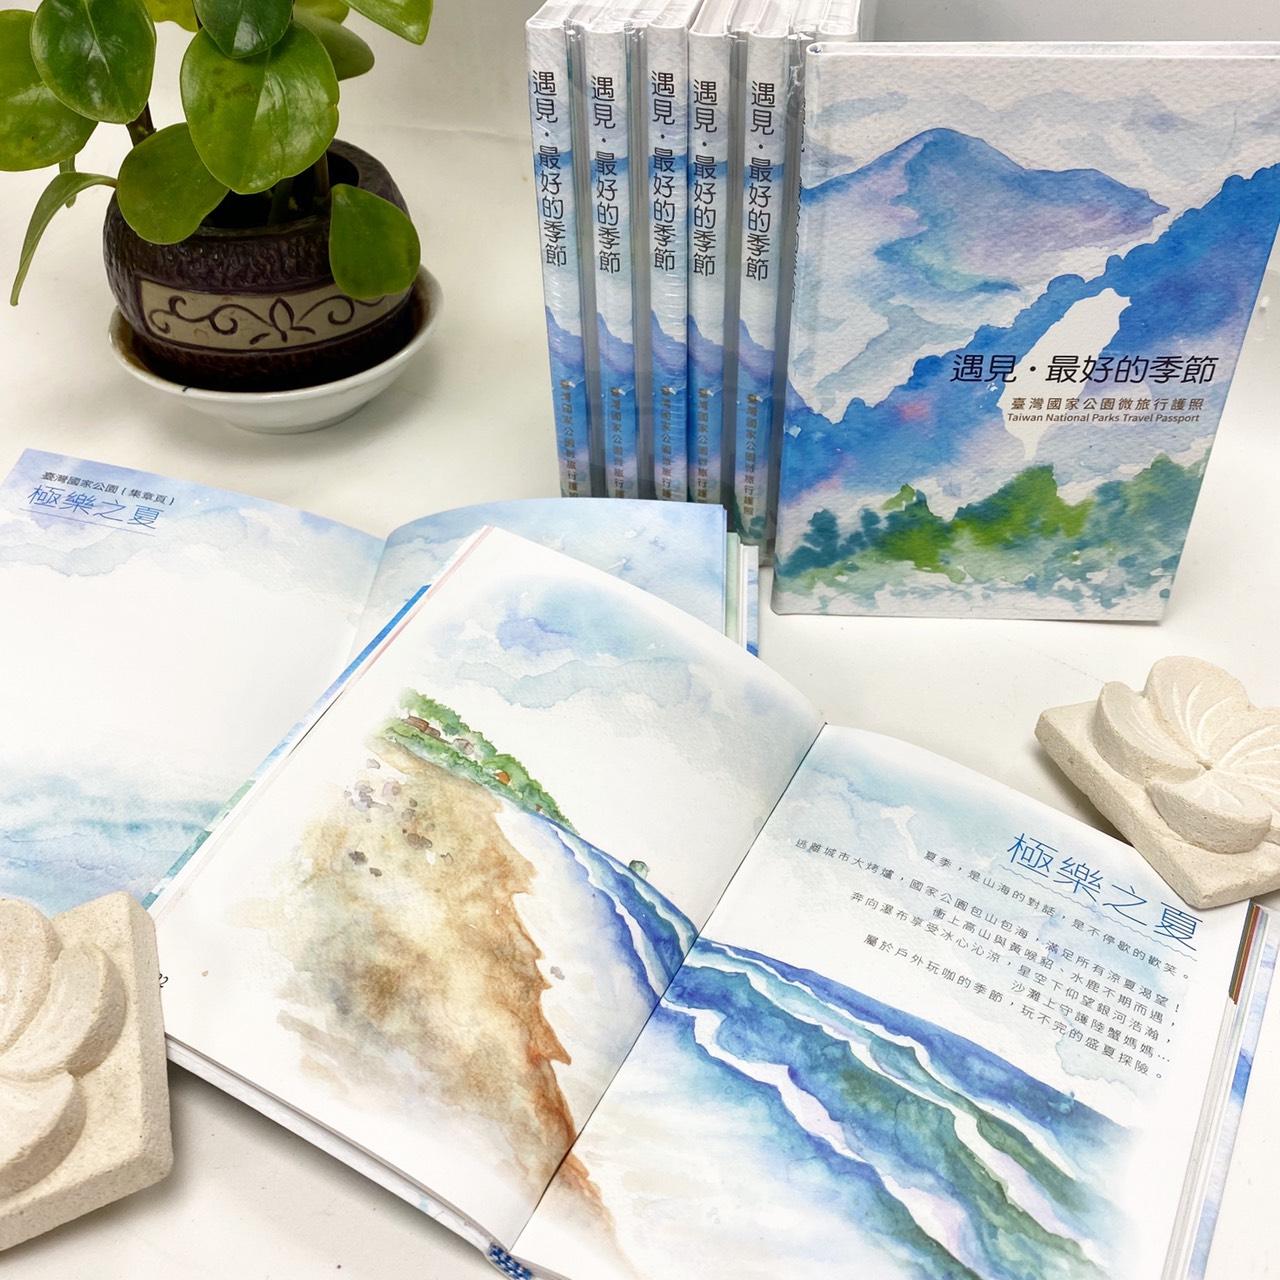 美美的台灣國家公園微旅行護照發行囉